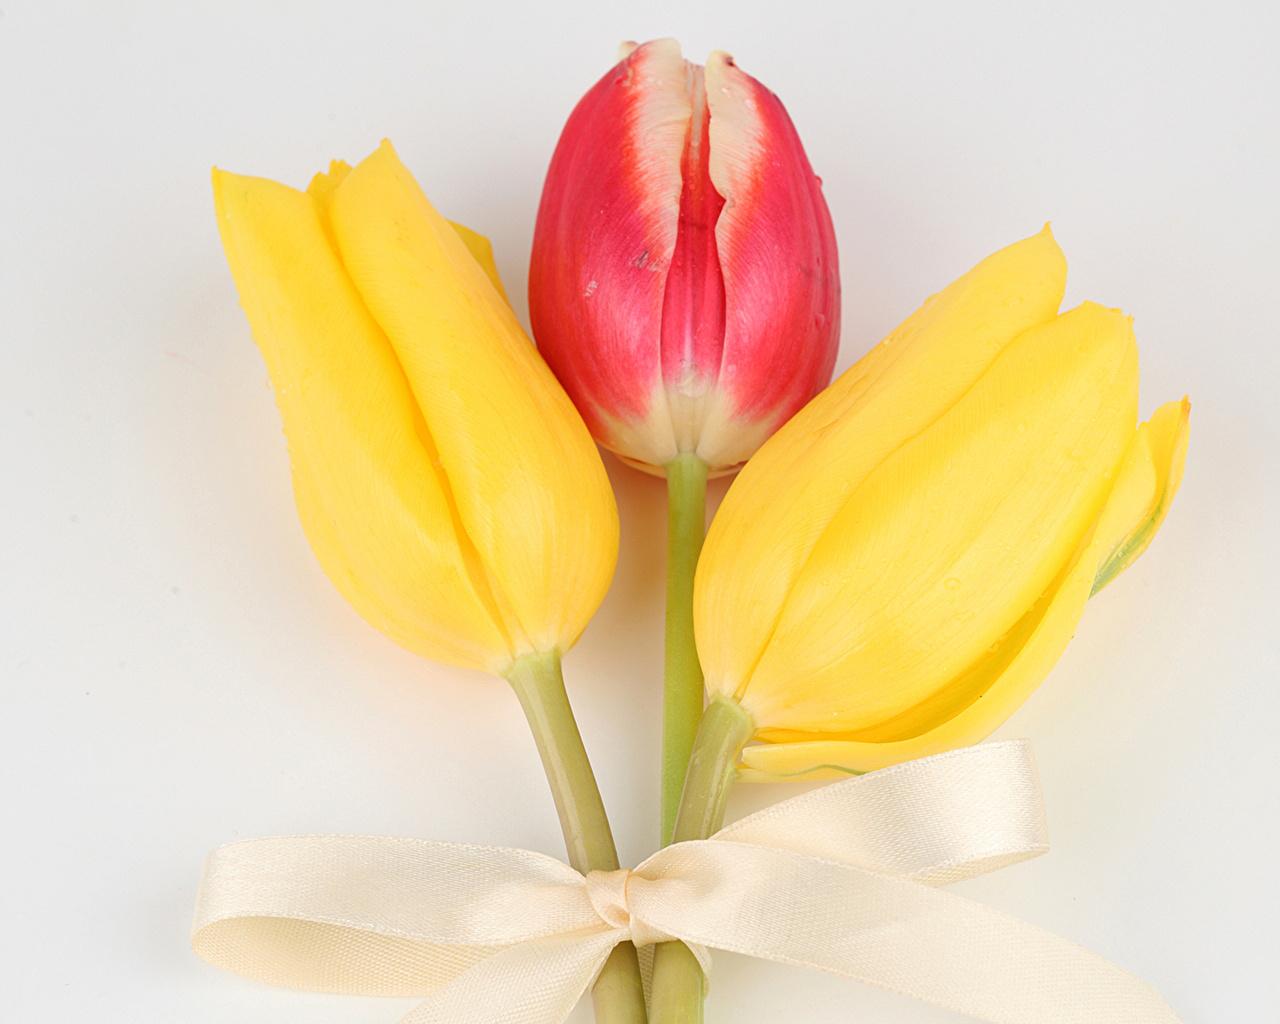 Фото Тюльпаны цветок Трое 3 Бантик сером фоне Крупным планом тюльпан Цветы три бант втроем бантики вблизи Серый фон